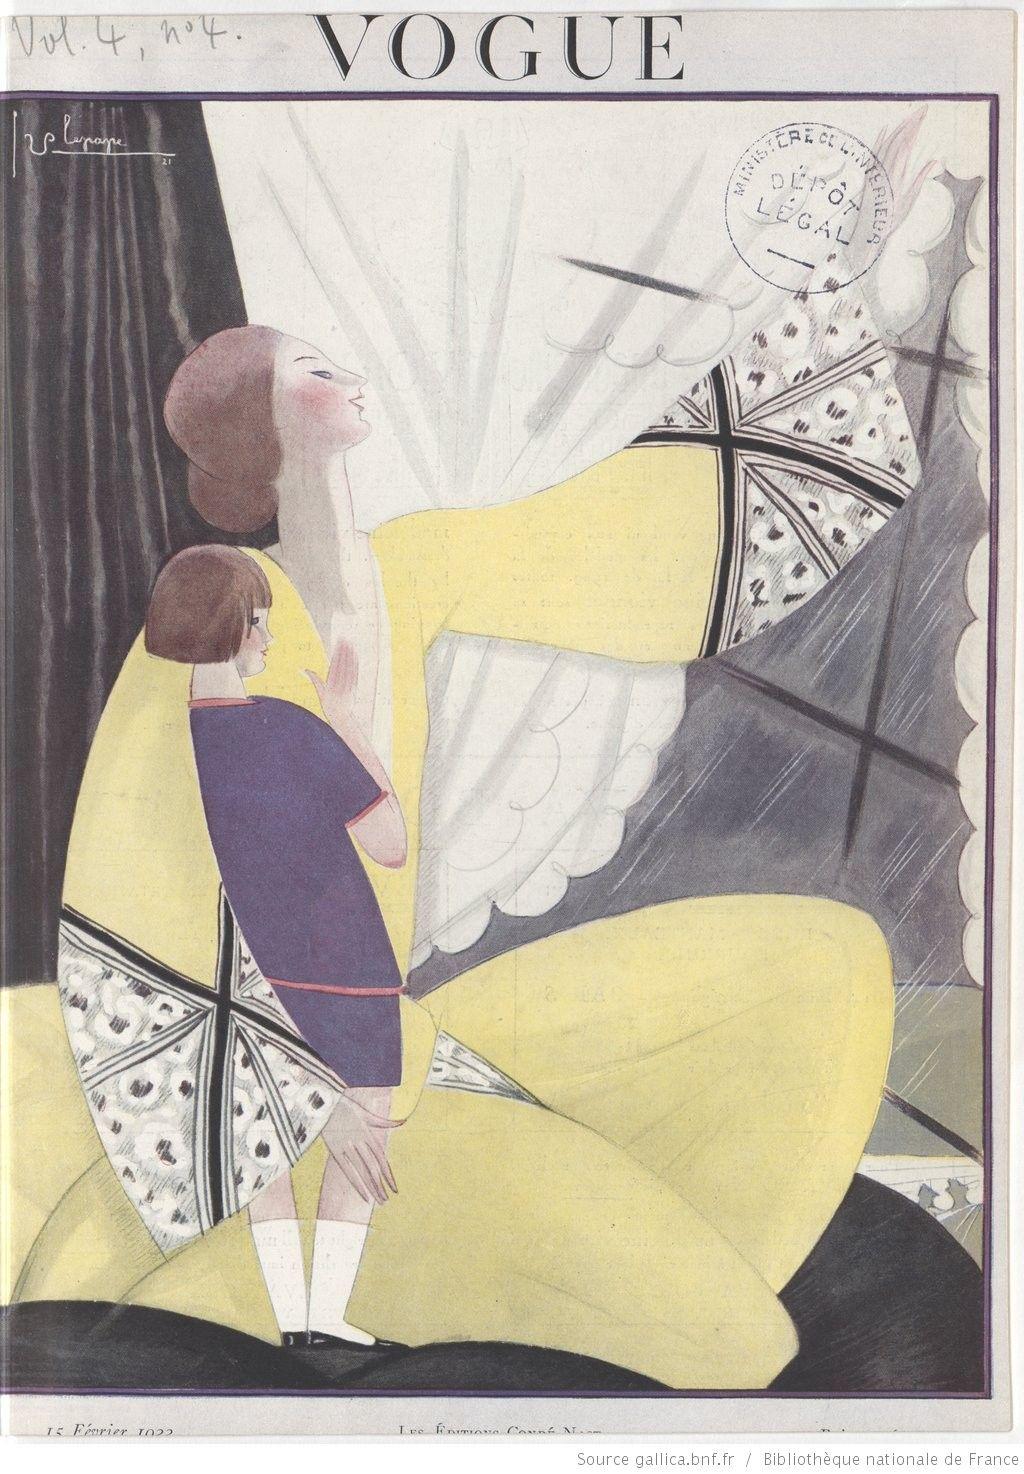 * Vogue (Paris) 15 FÉVRIER 1922 - Georges Lepape